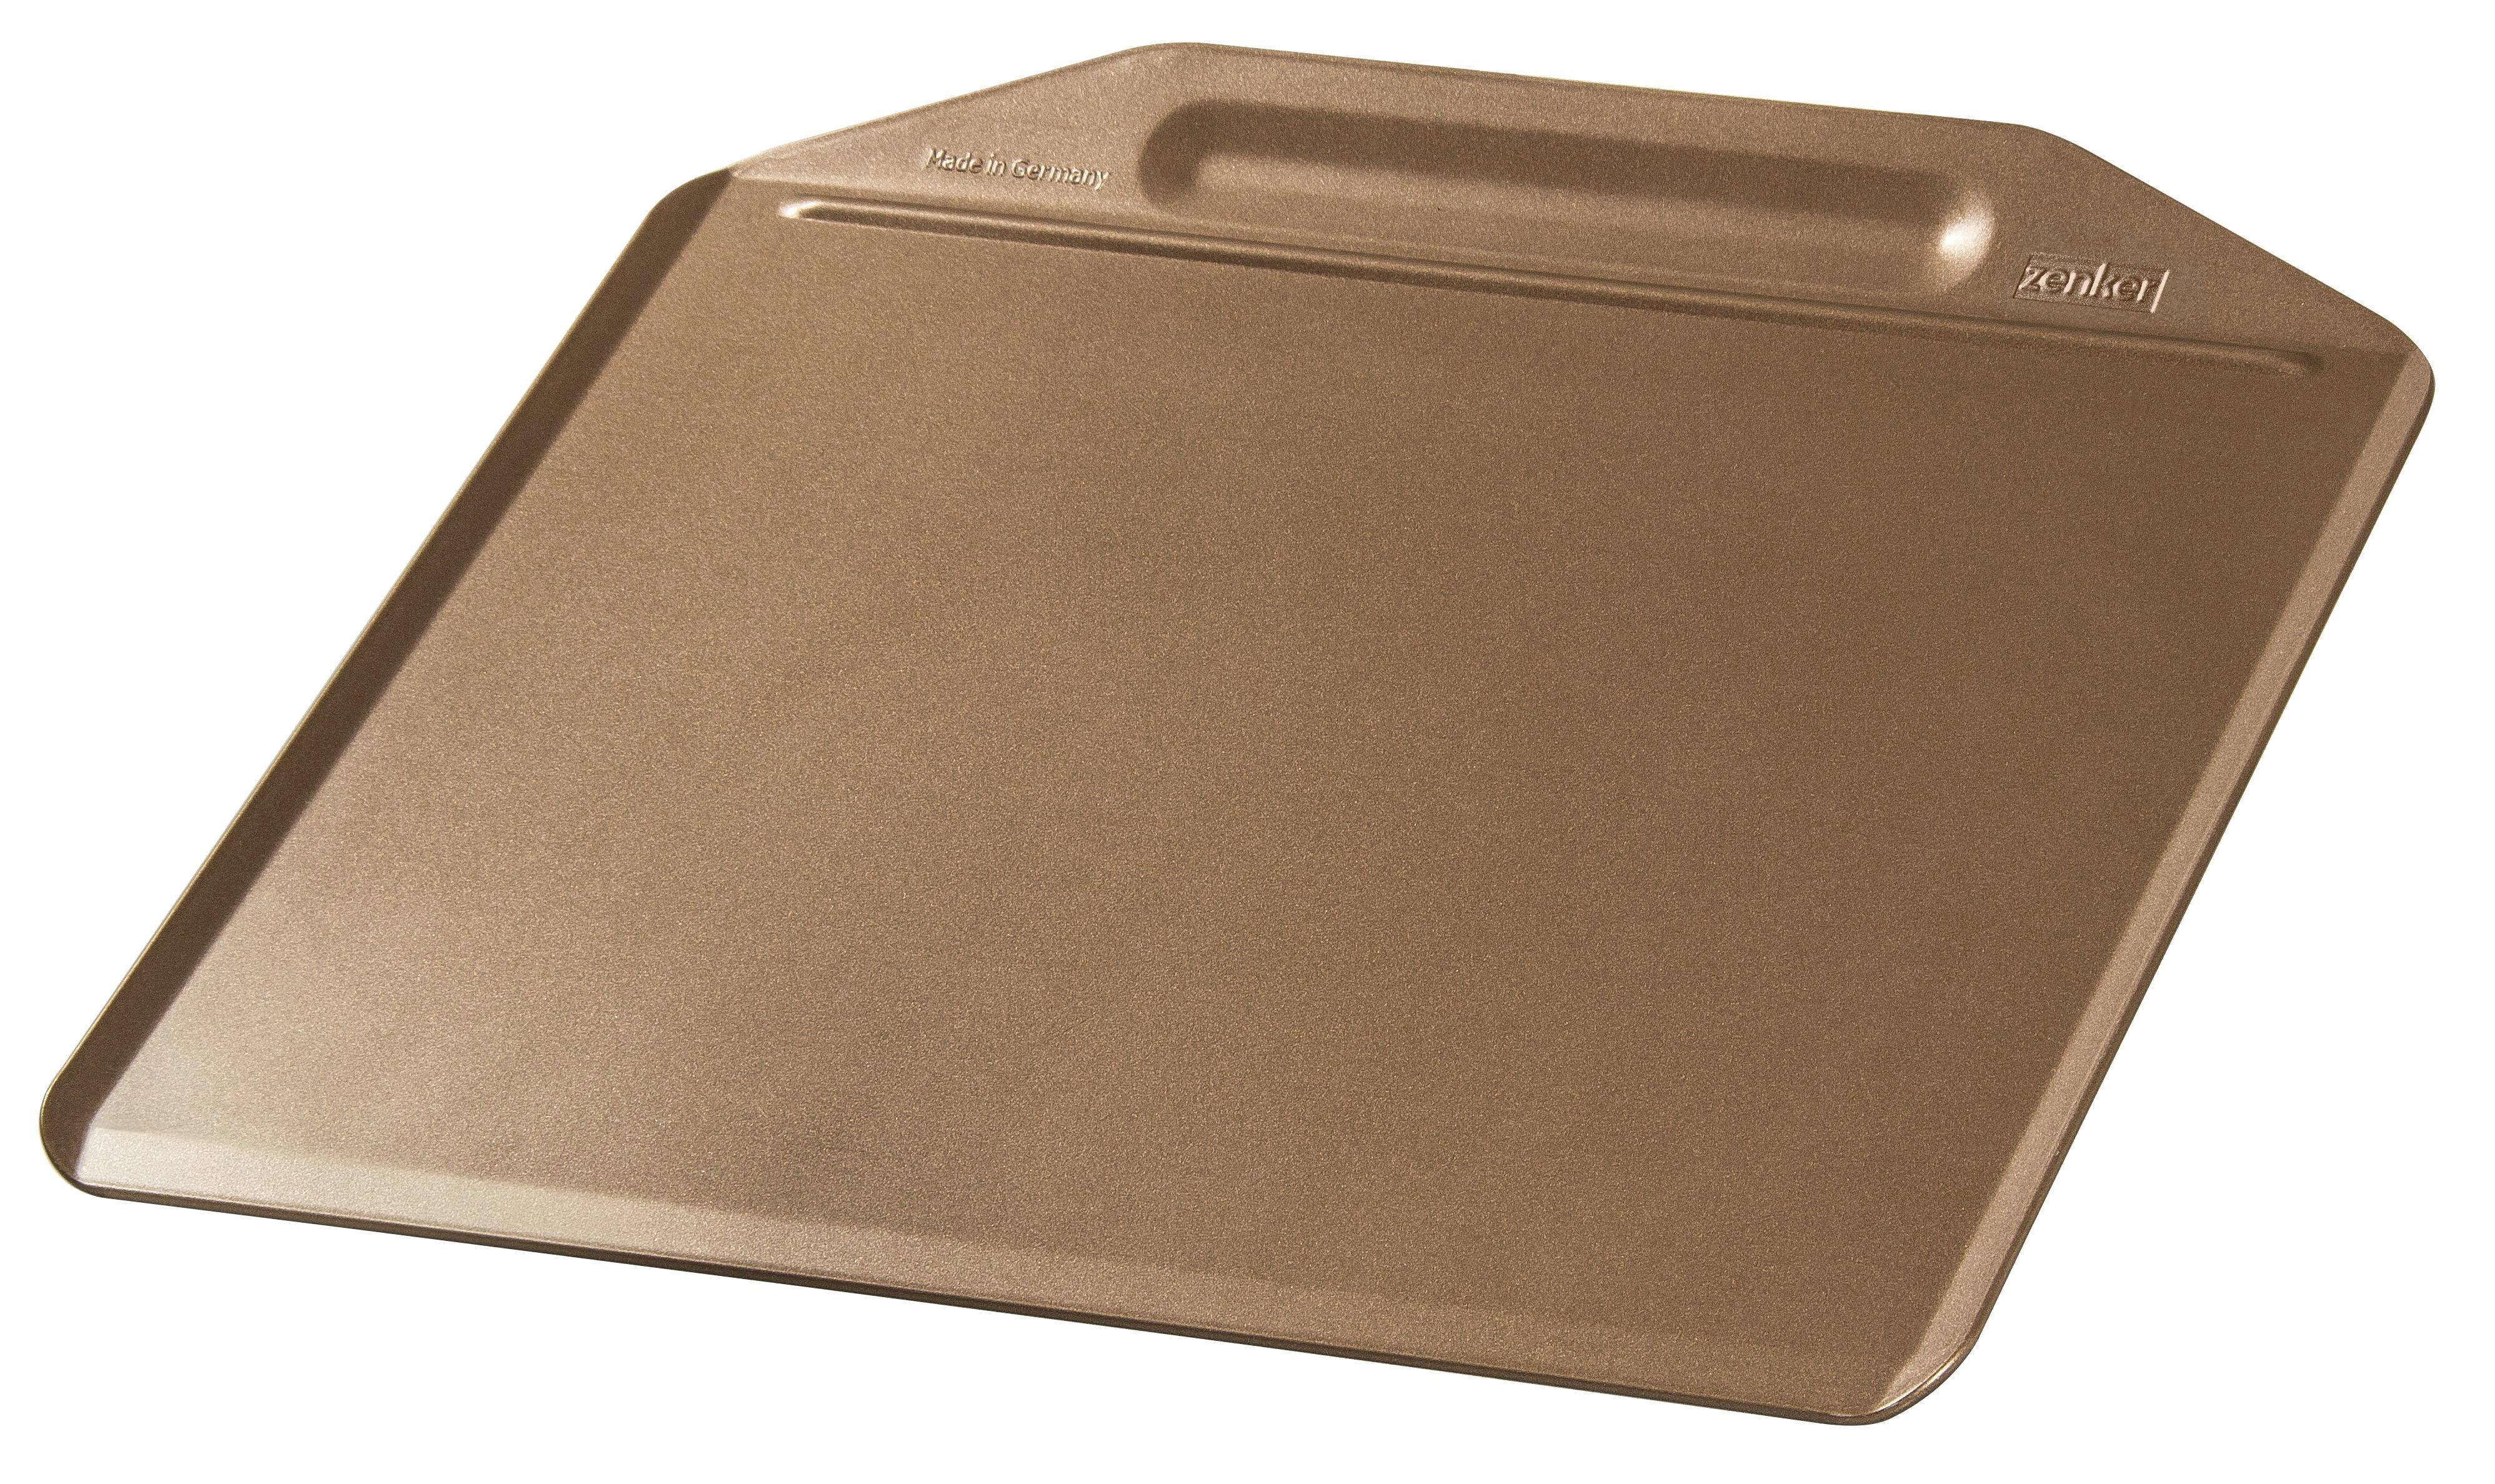 BACKBLECH - Goldfarben, Metall (36/33cm)